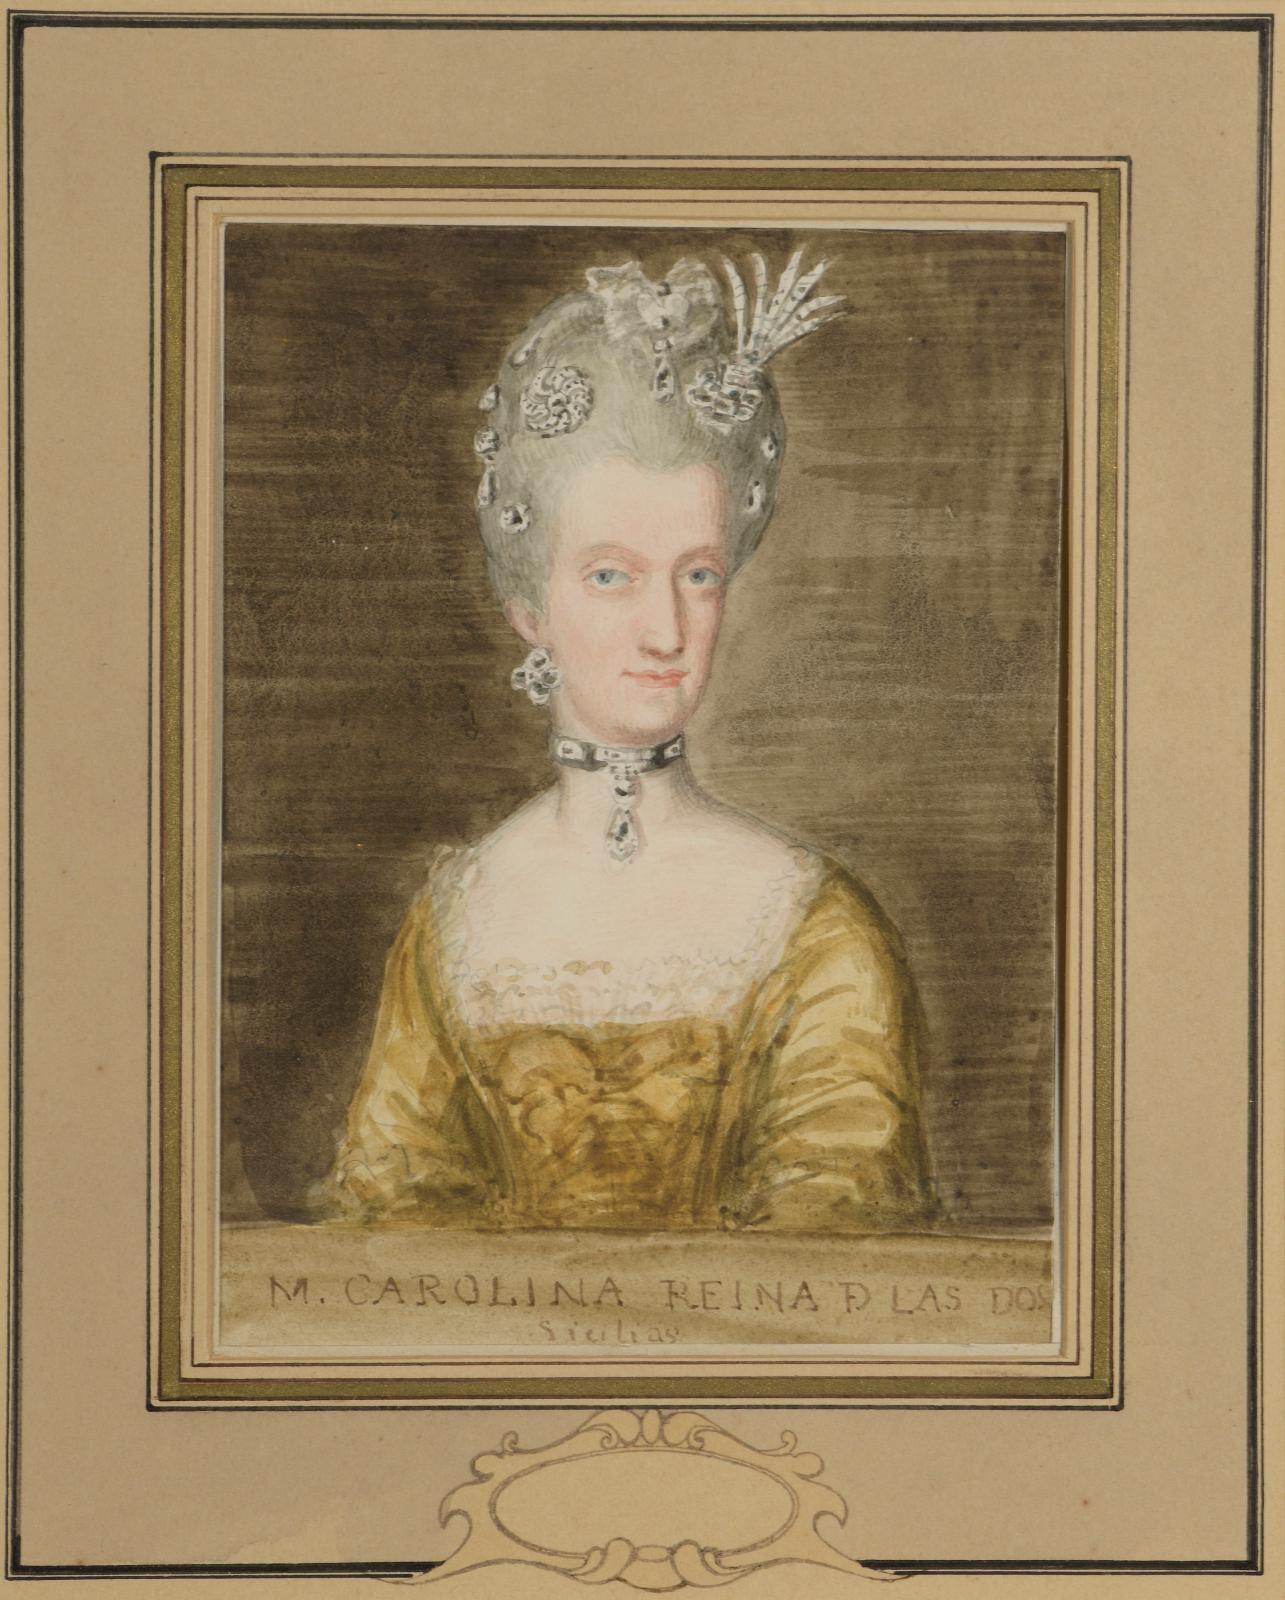 780€ Valentín Carderera y Solano(1796-1880), Portrait de la reine Marie-Caroline deBourbon des Deux-Siciles, vers 1830, aquarelle, 15,7